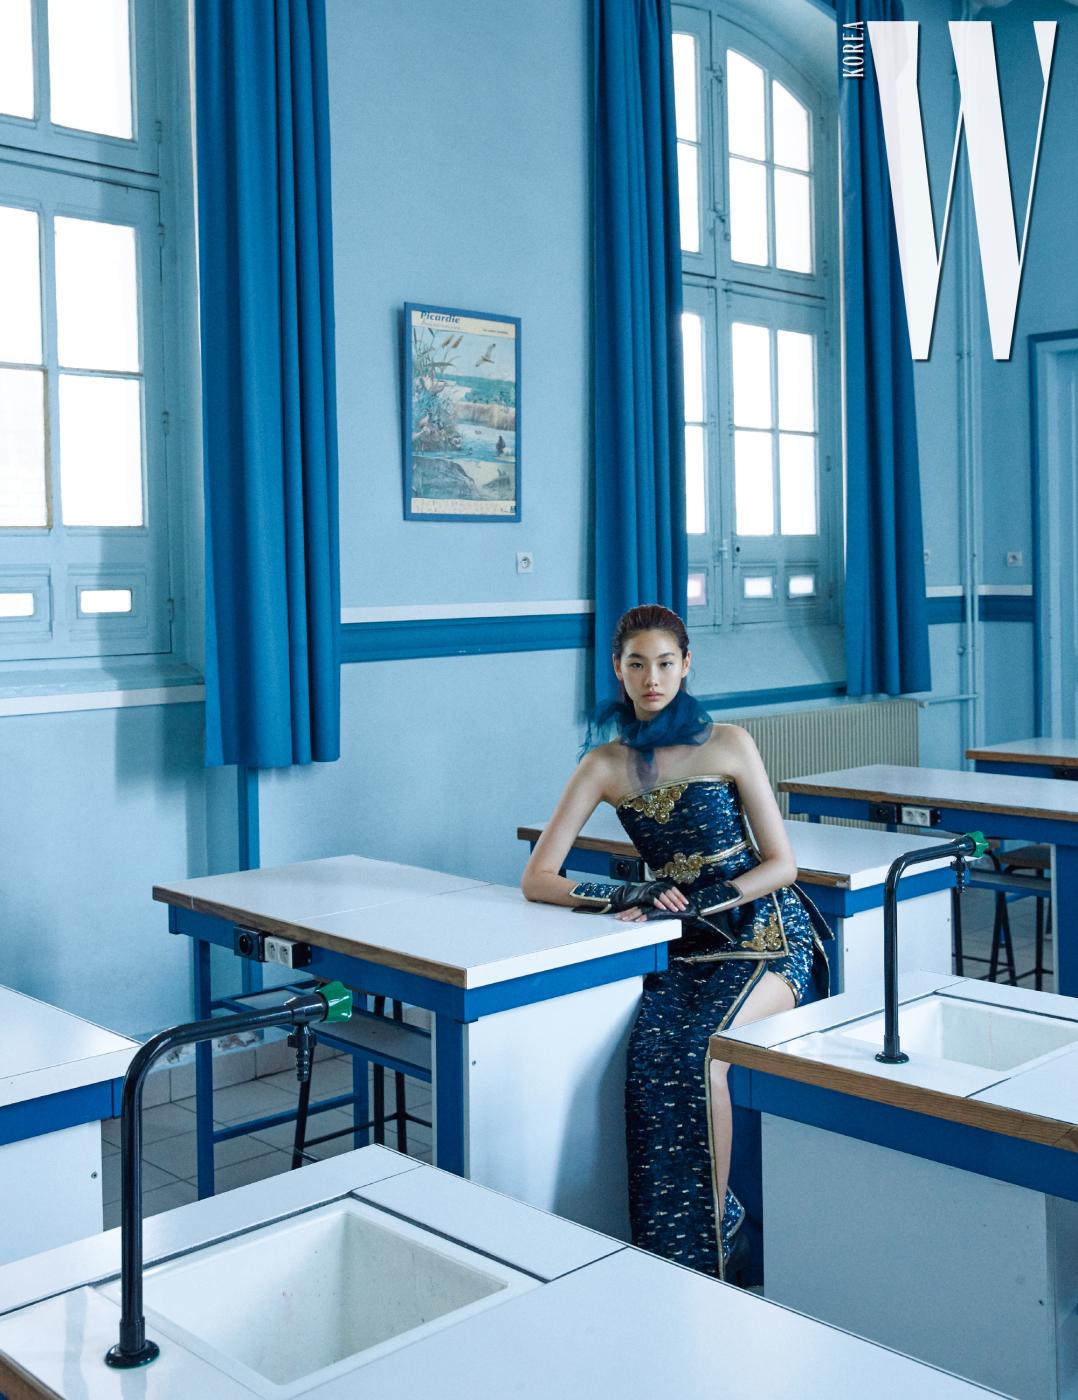 오리엔탈풍시퀸장식뷔스티에, 스커트, 장갑과부츠, 스카프는모두 Chanel HauteCouture 제품.